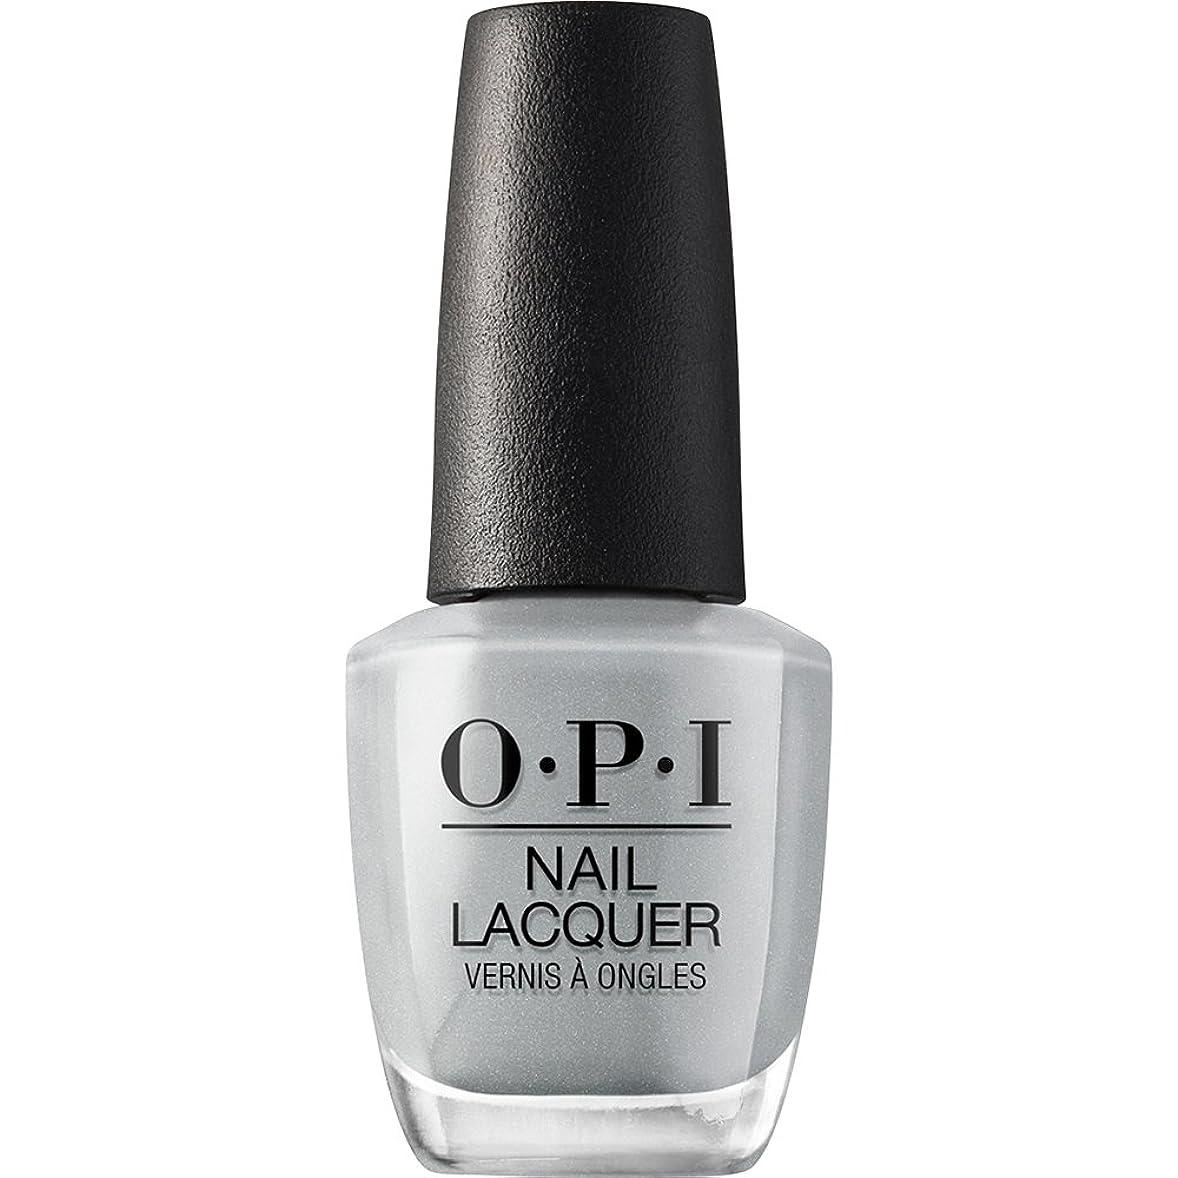 一族事業内容例外OPI(オーピーアイ) NLF86 アイ キャン ネバー ハット アップ